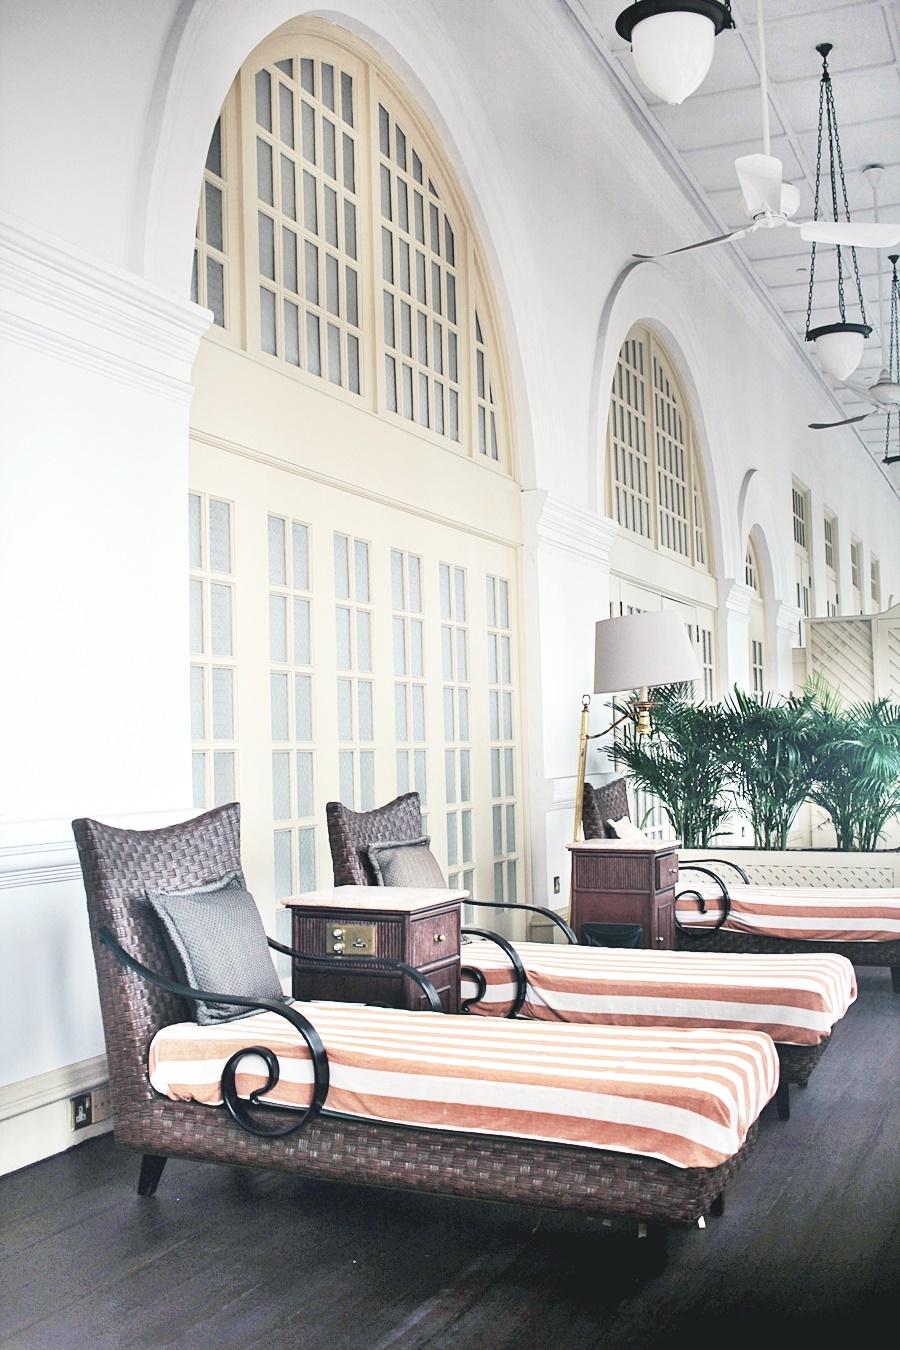 balcony raffles hotel spa area